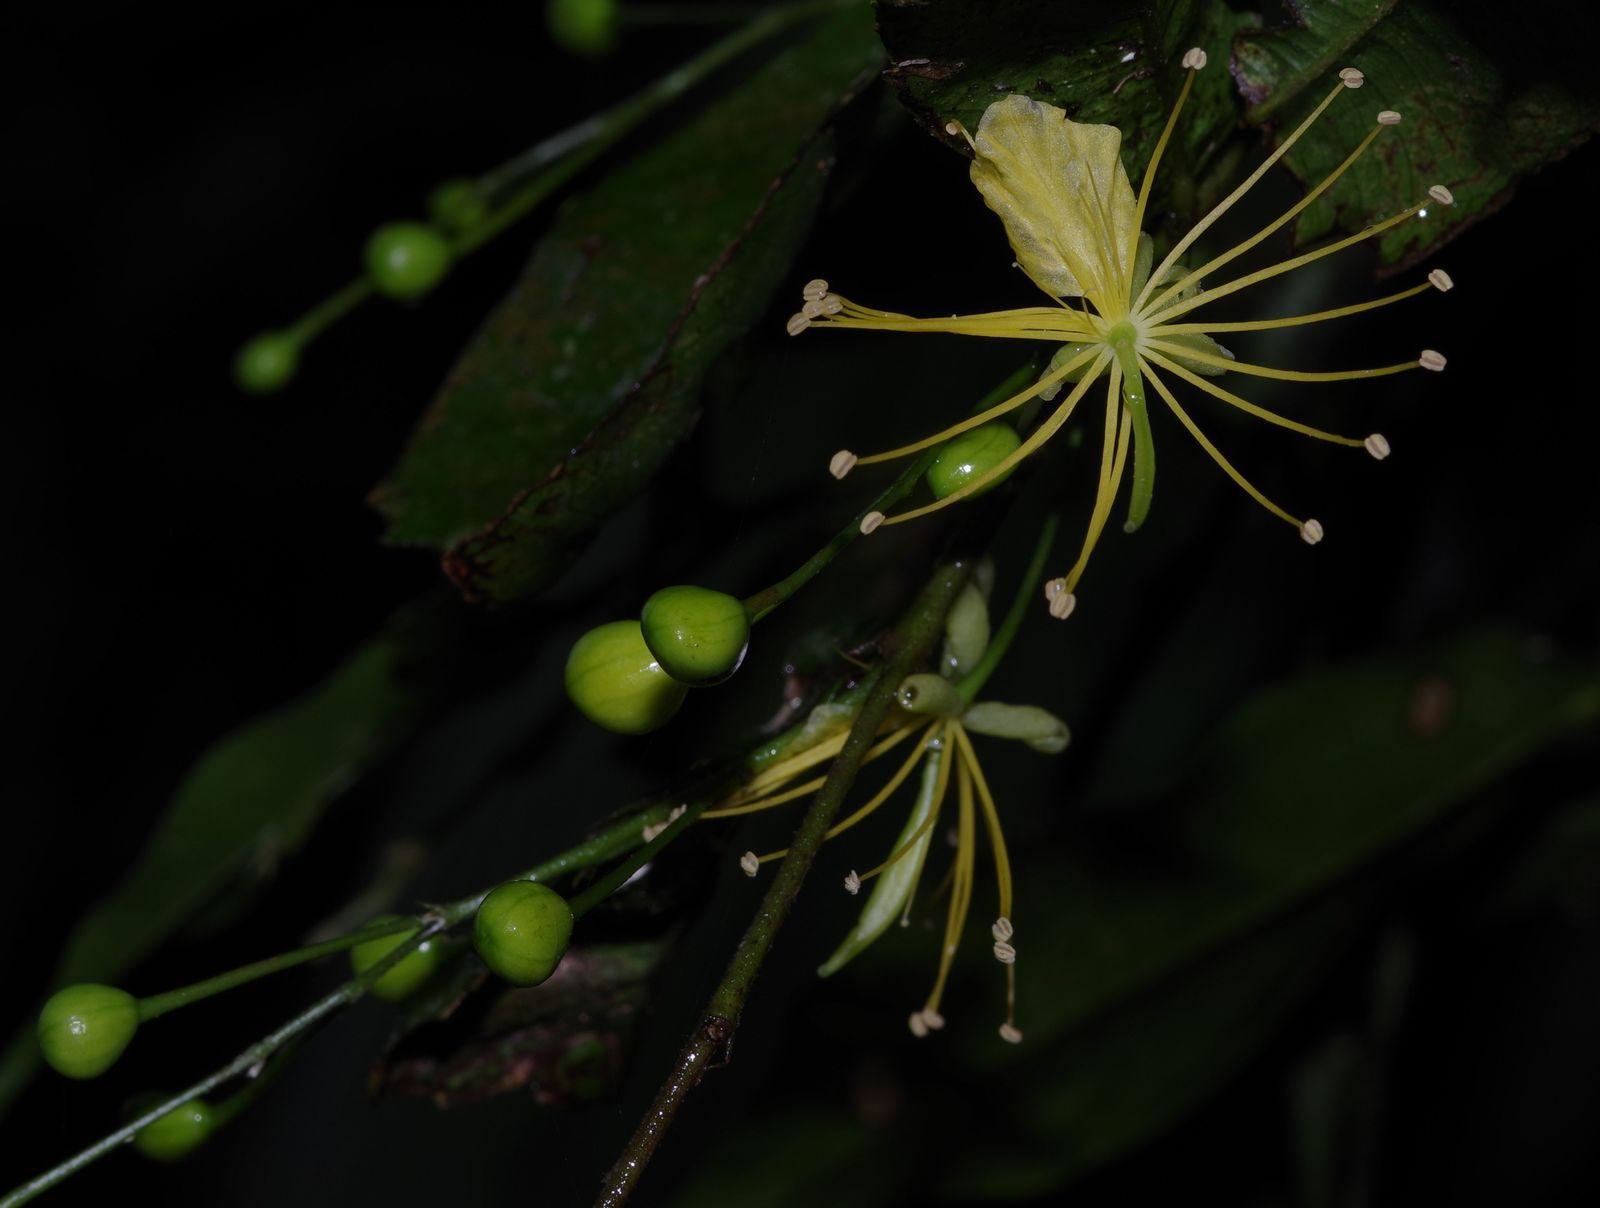 Swartzia arborescens